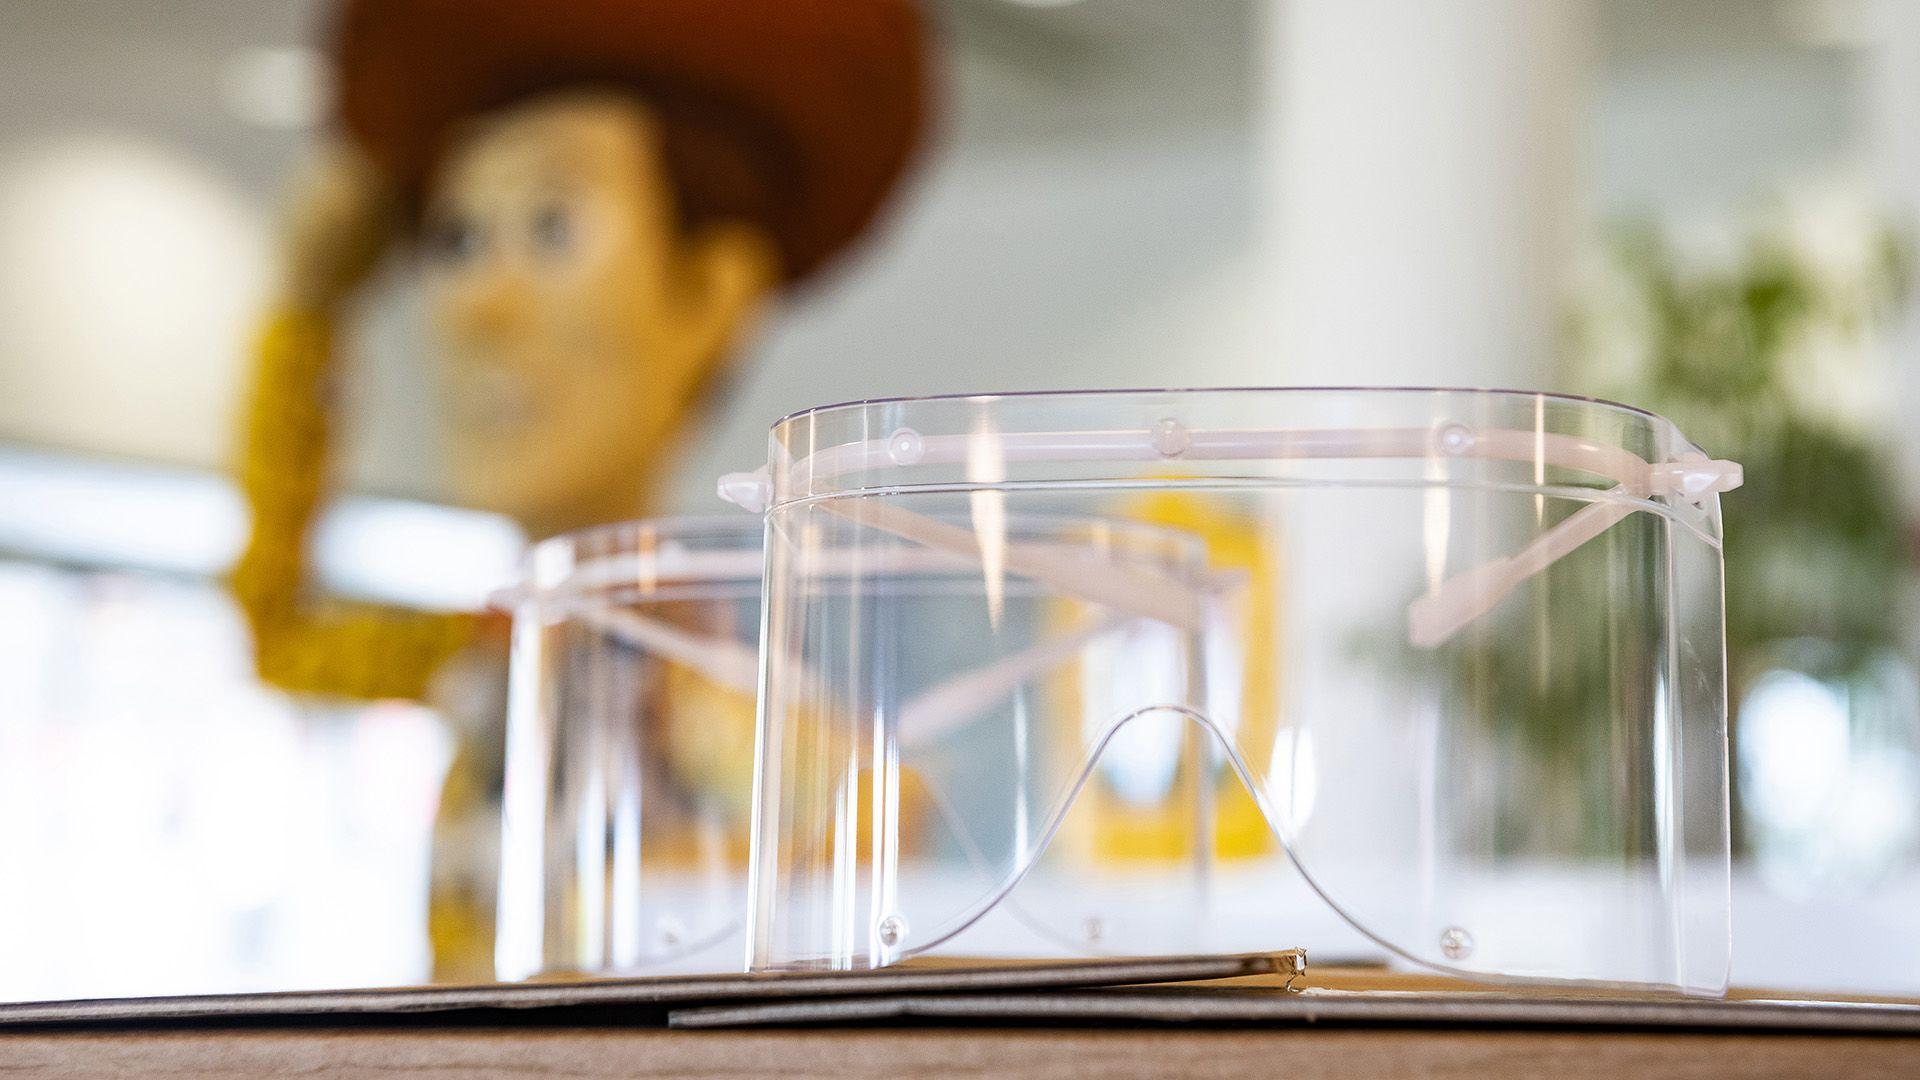 A nyíregyházi LEGO-gyárban is védőszemüvegeket gyártanak az egészségügyi dolgozóknak